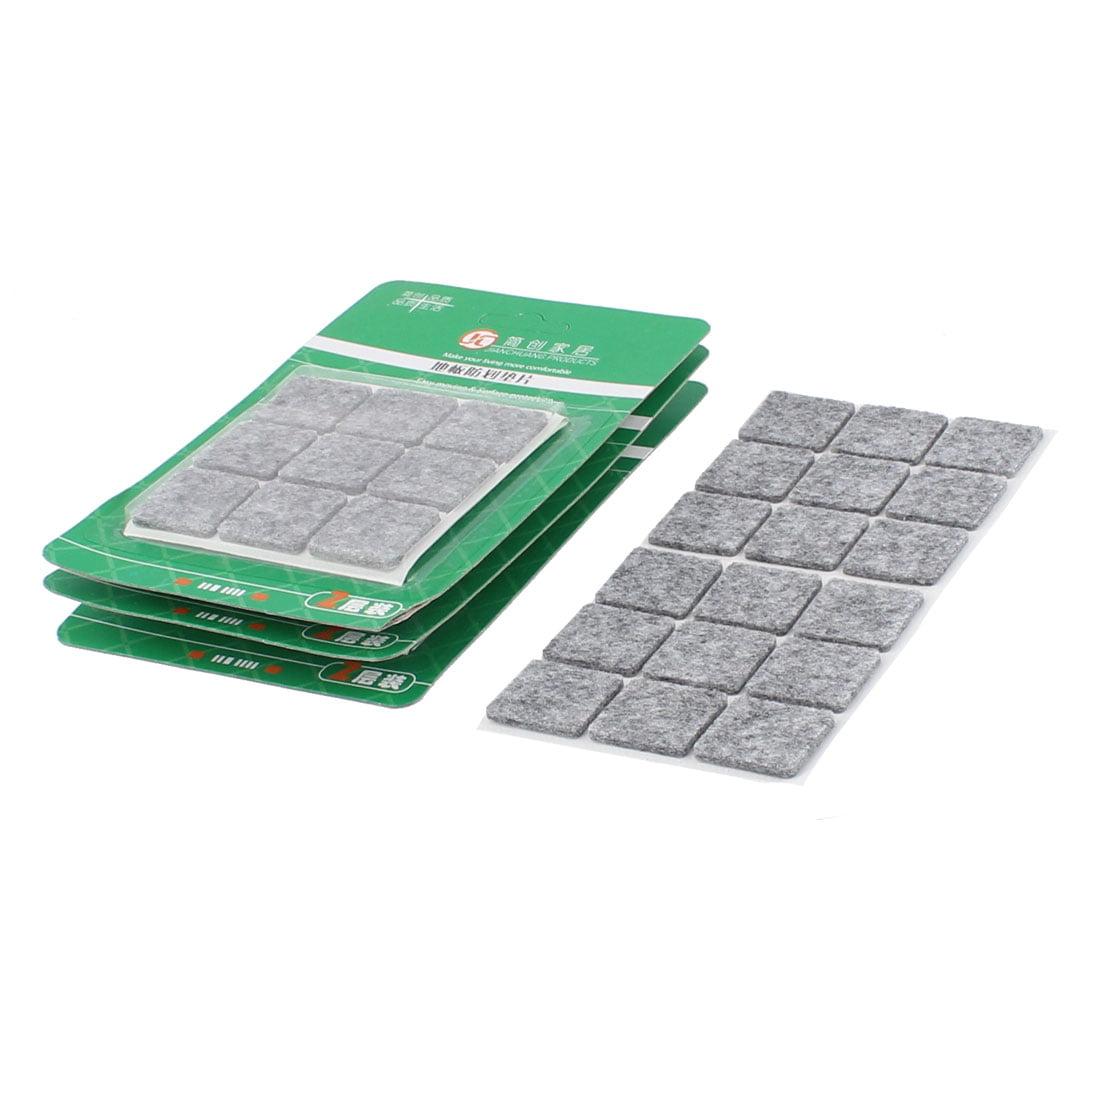 Table Chaise Pieds carré Meubles Patins Feutre Coque de Sol Protecteur 25 x 25 mm 72 pcs Gris - image 1 de 1